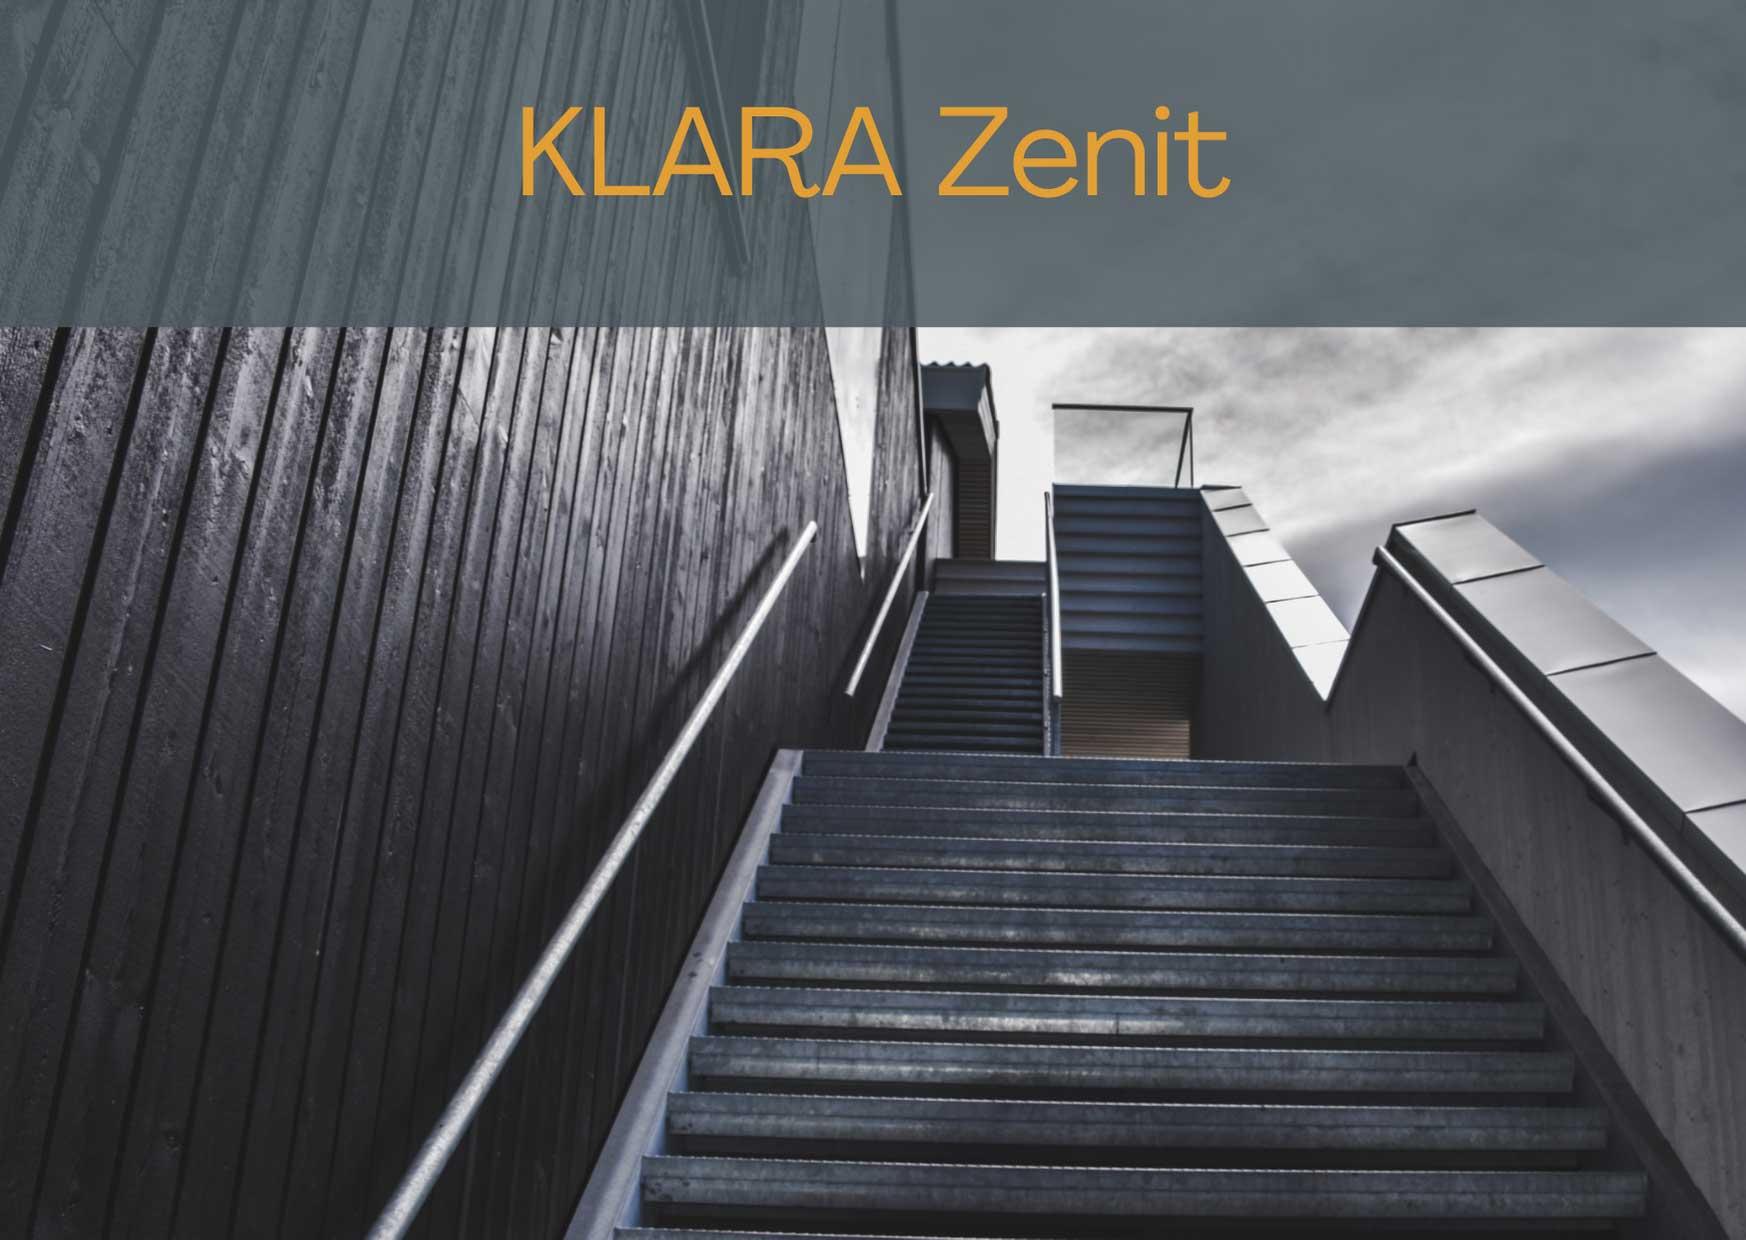 KLARA Zenit: Besser sichtbar bei Google & Co.